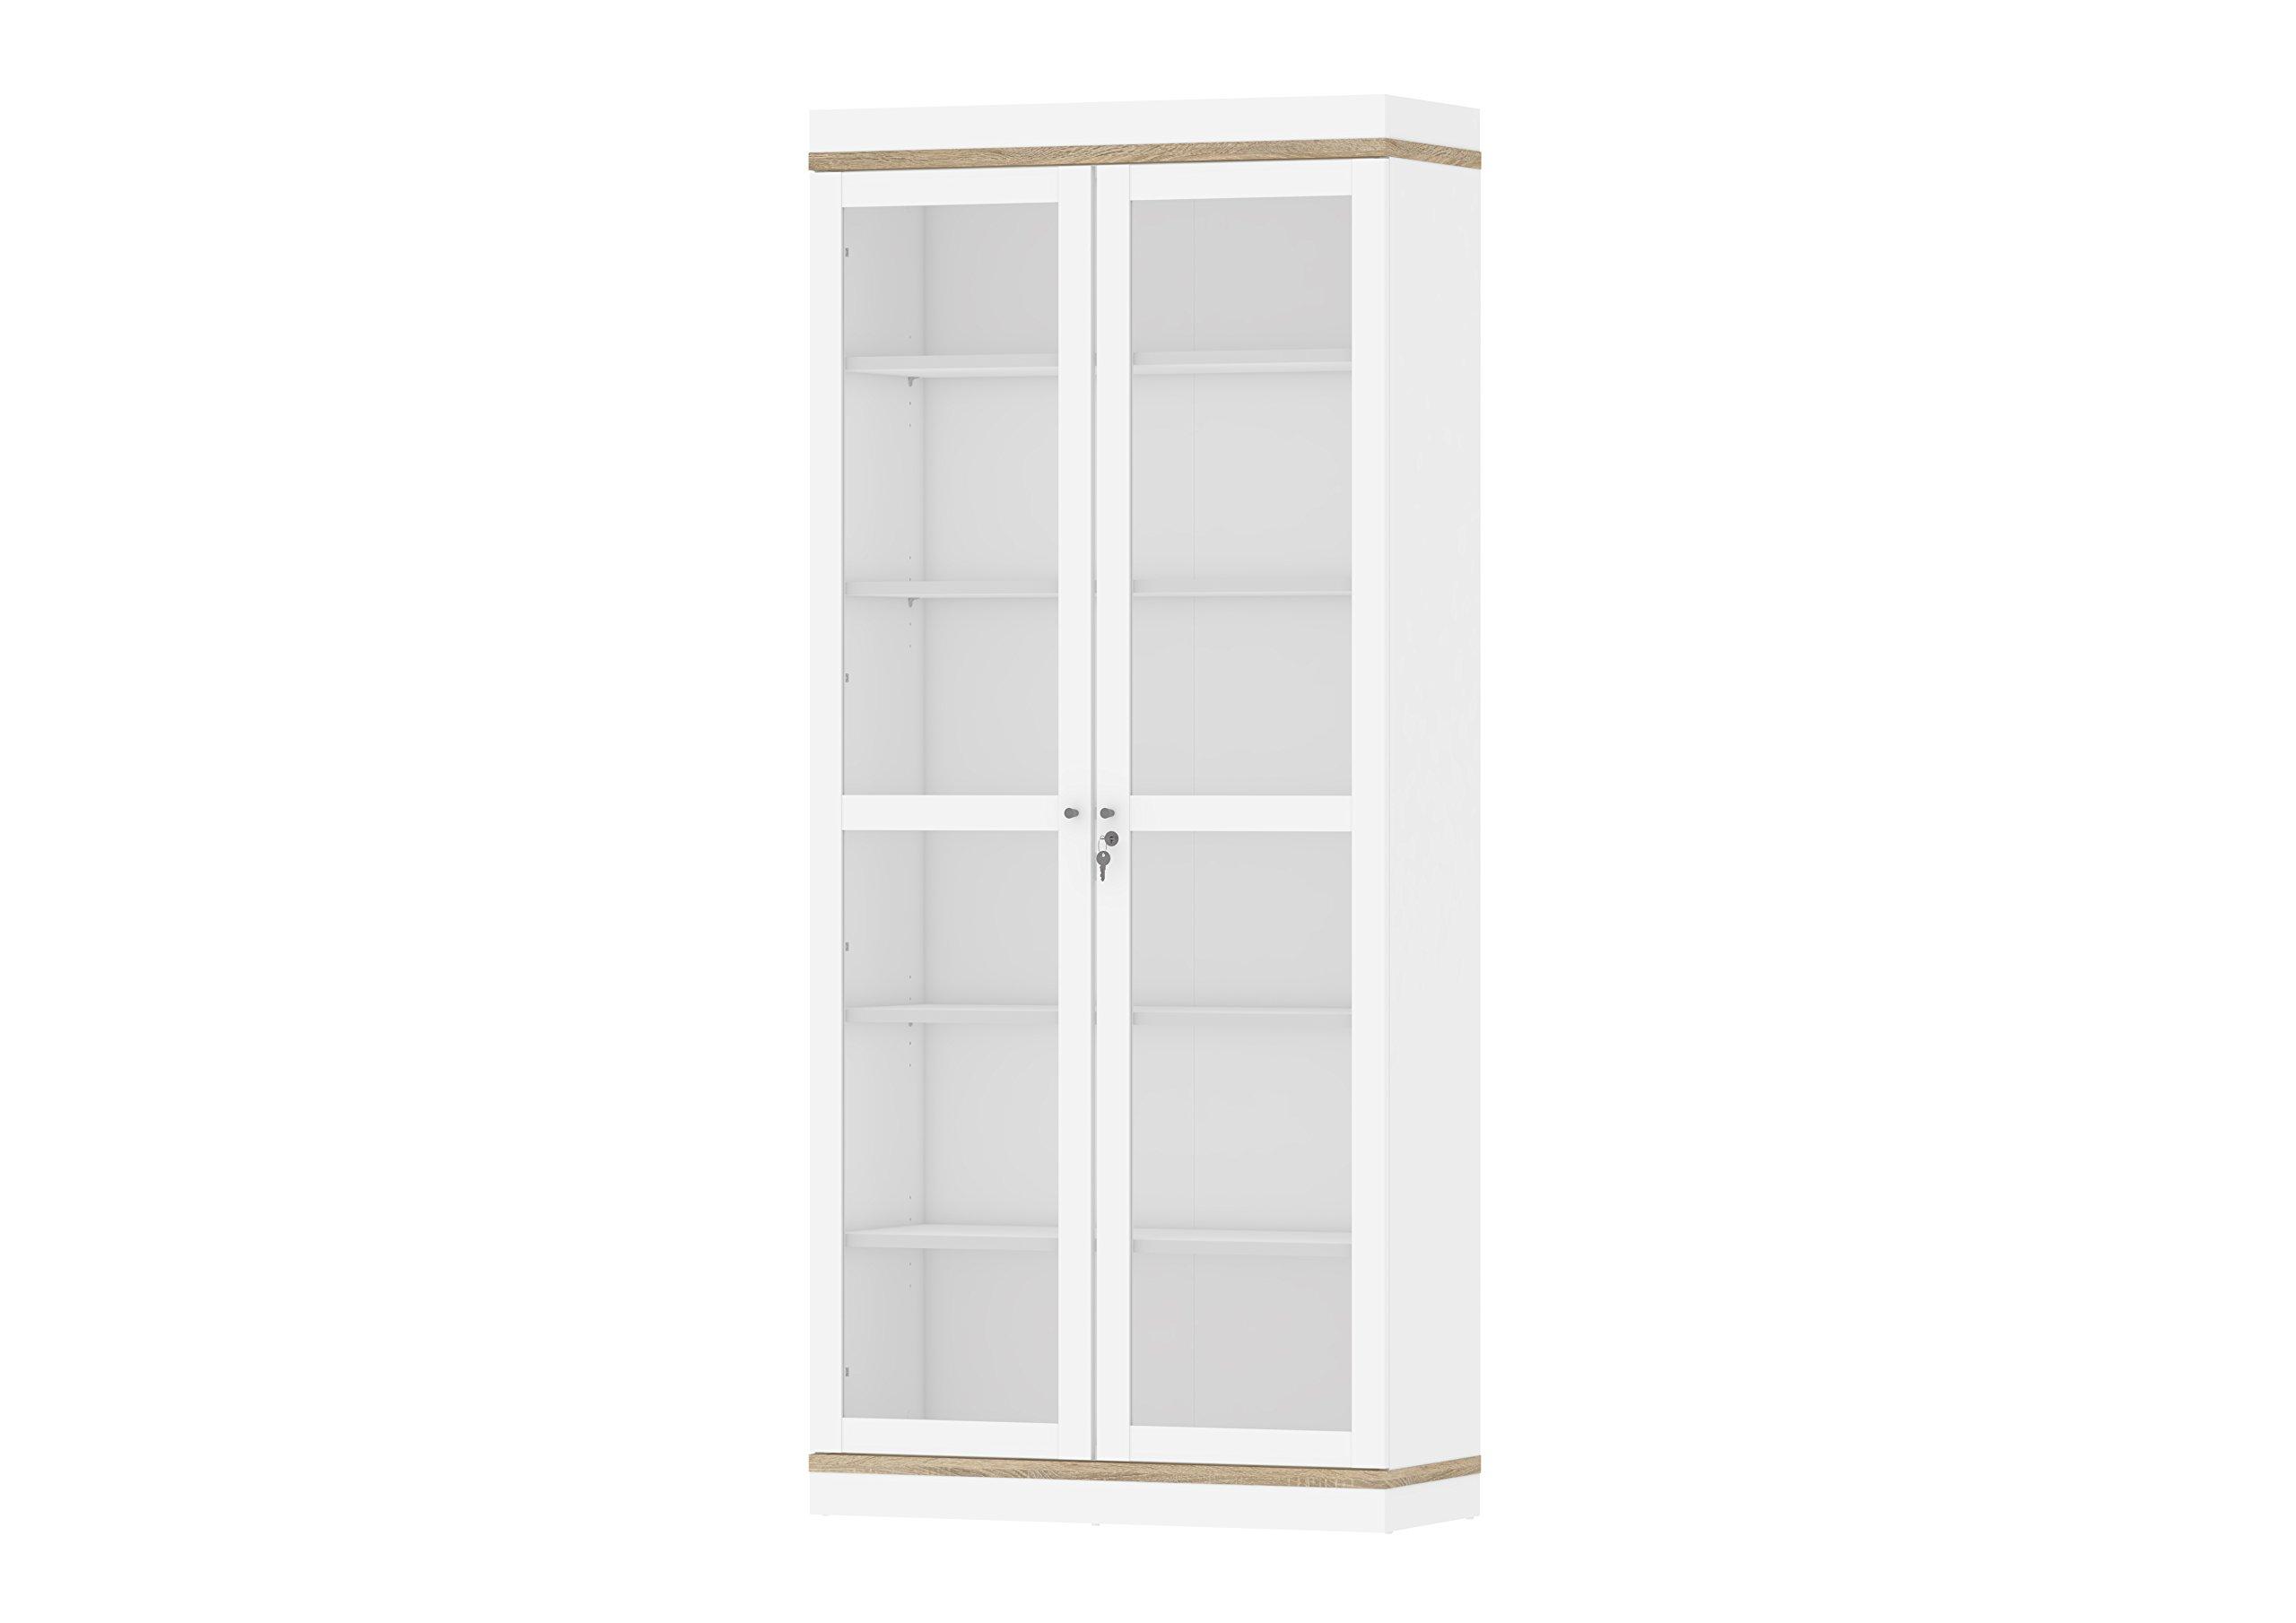 Tvilum Aberdeen 2 Door China Cabinet, White/Oak Structure by Tvilum